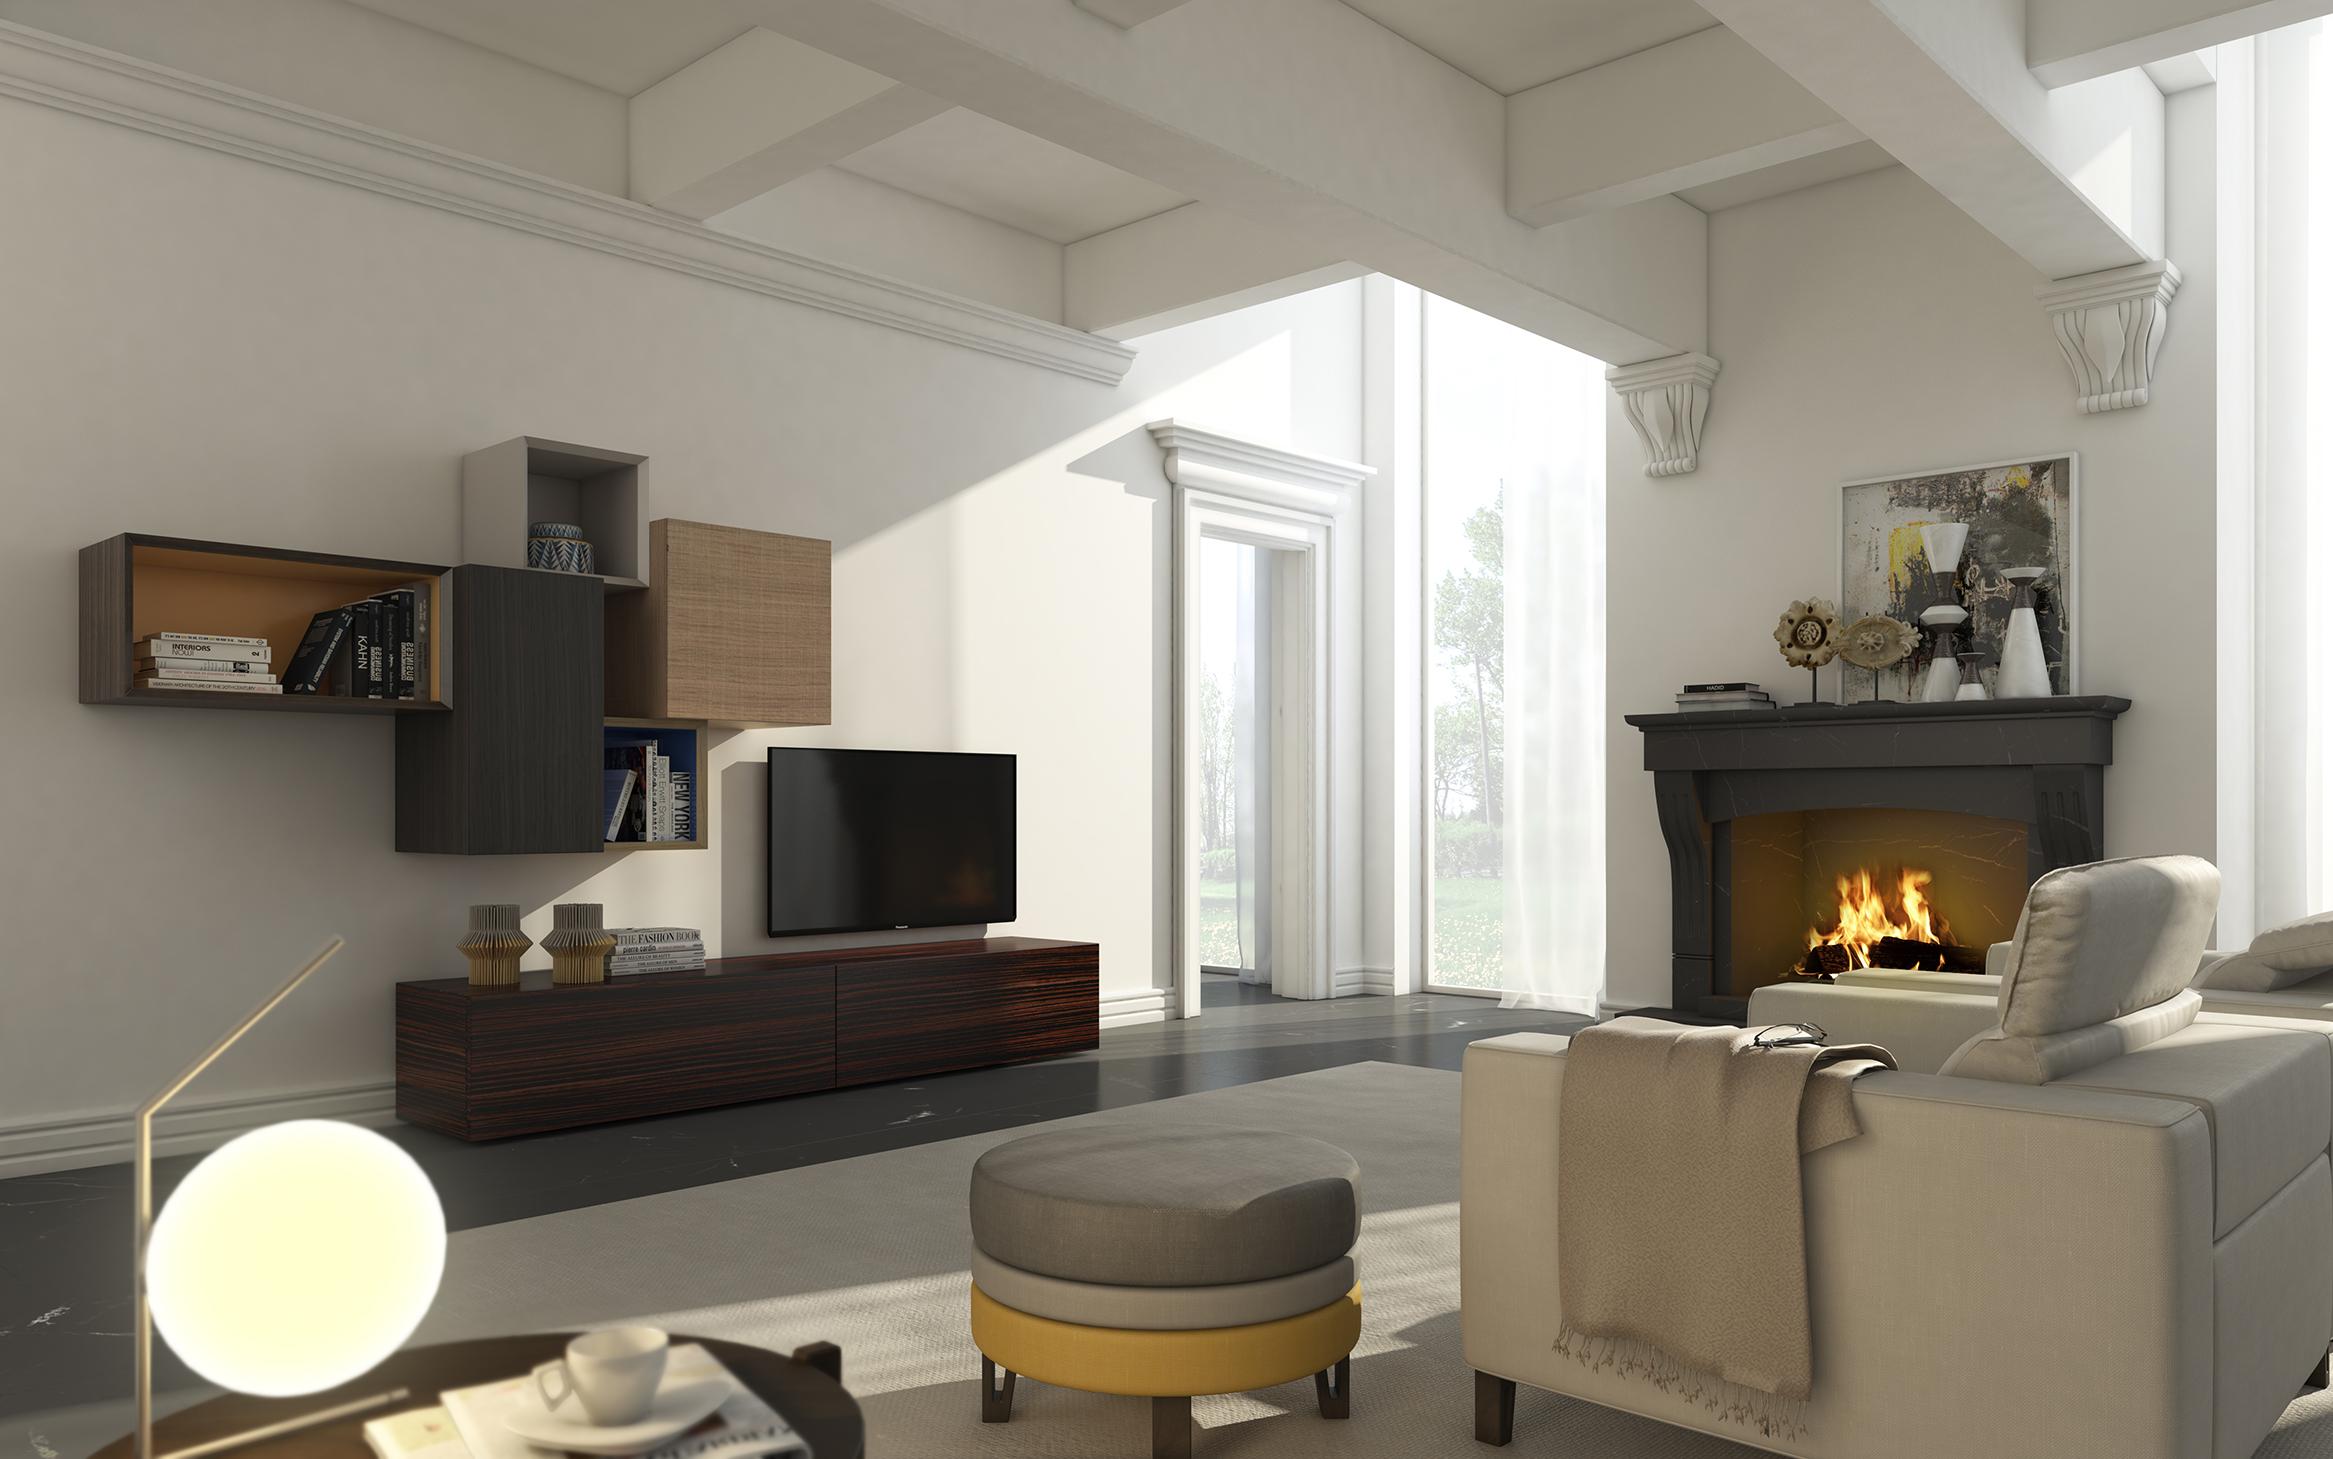 Avvento muebles de calidad avvento fabricante de sof s for Muebles calidad